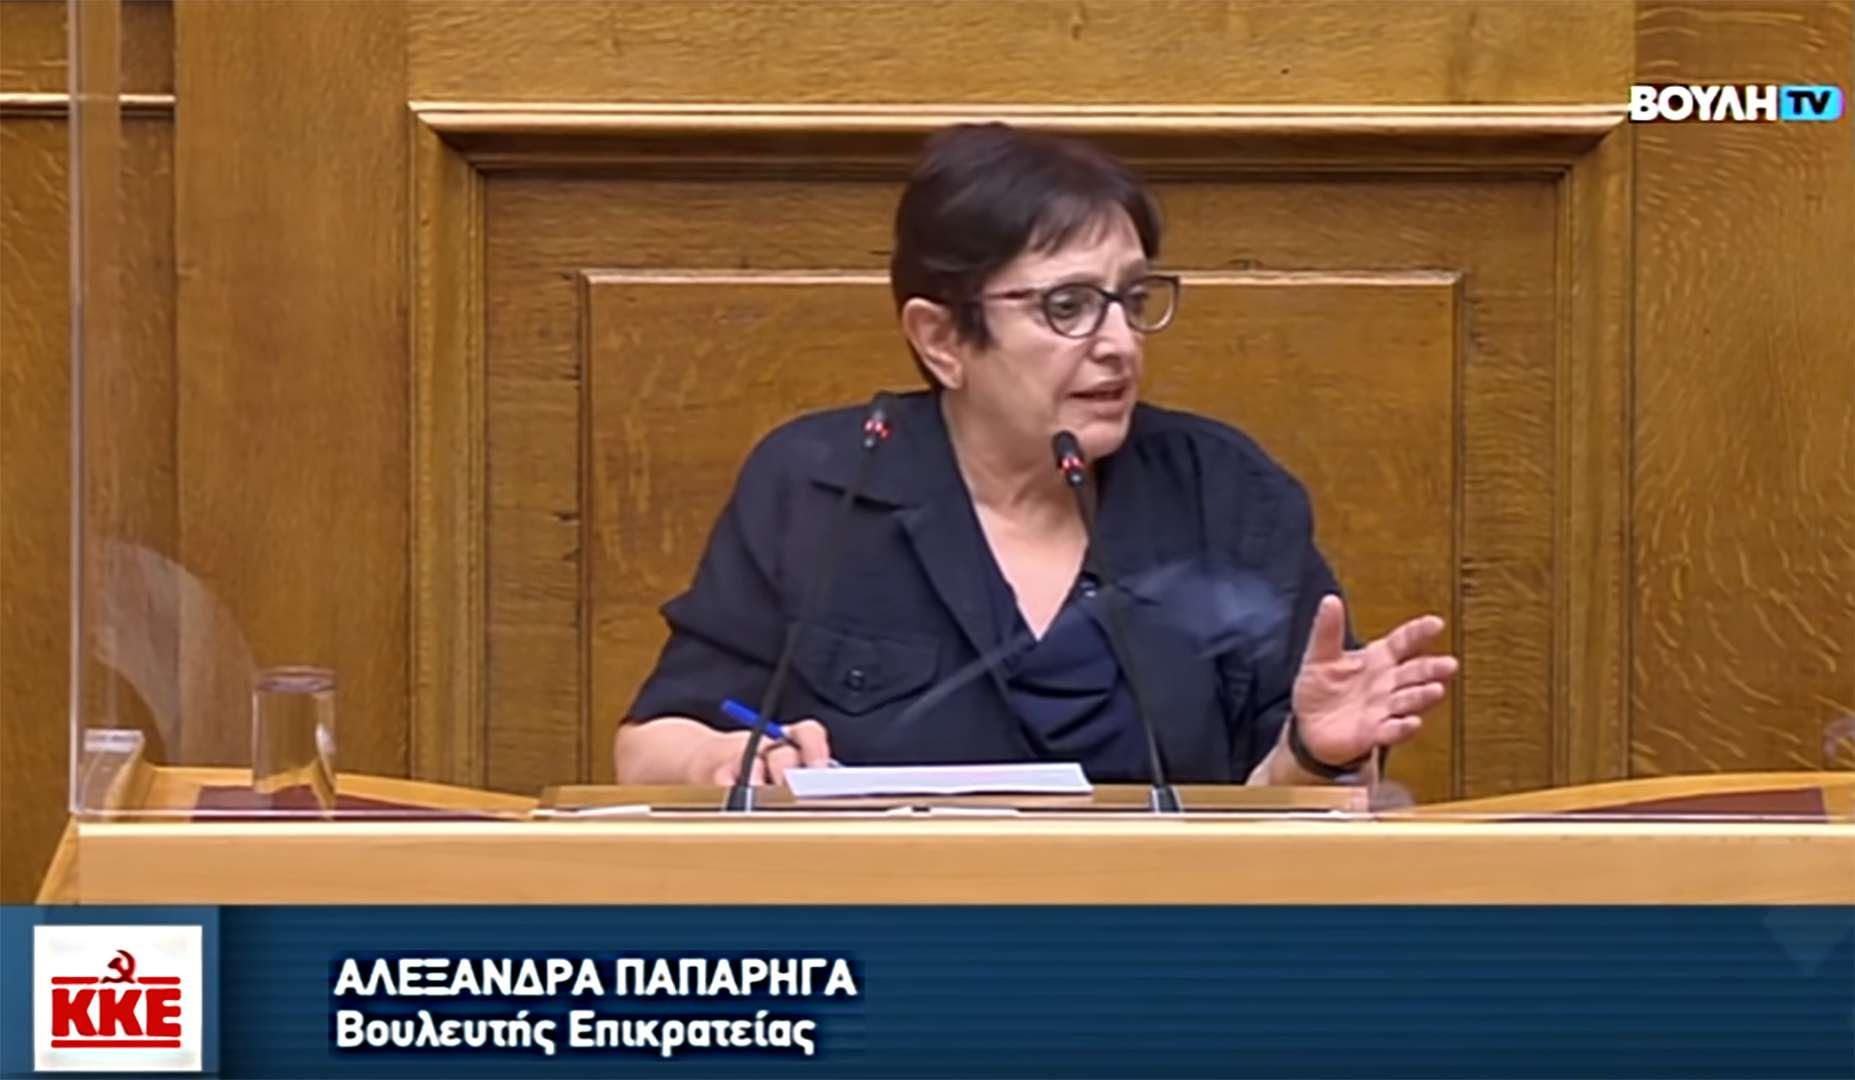 Αλέκα Παπαρήγα Βουλευτής Επικρατείας ΚΚΕ